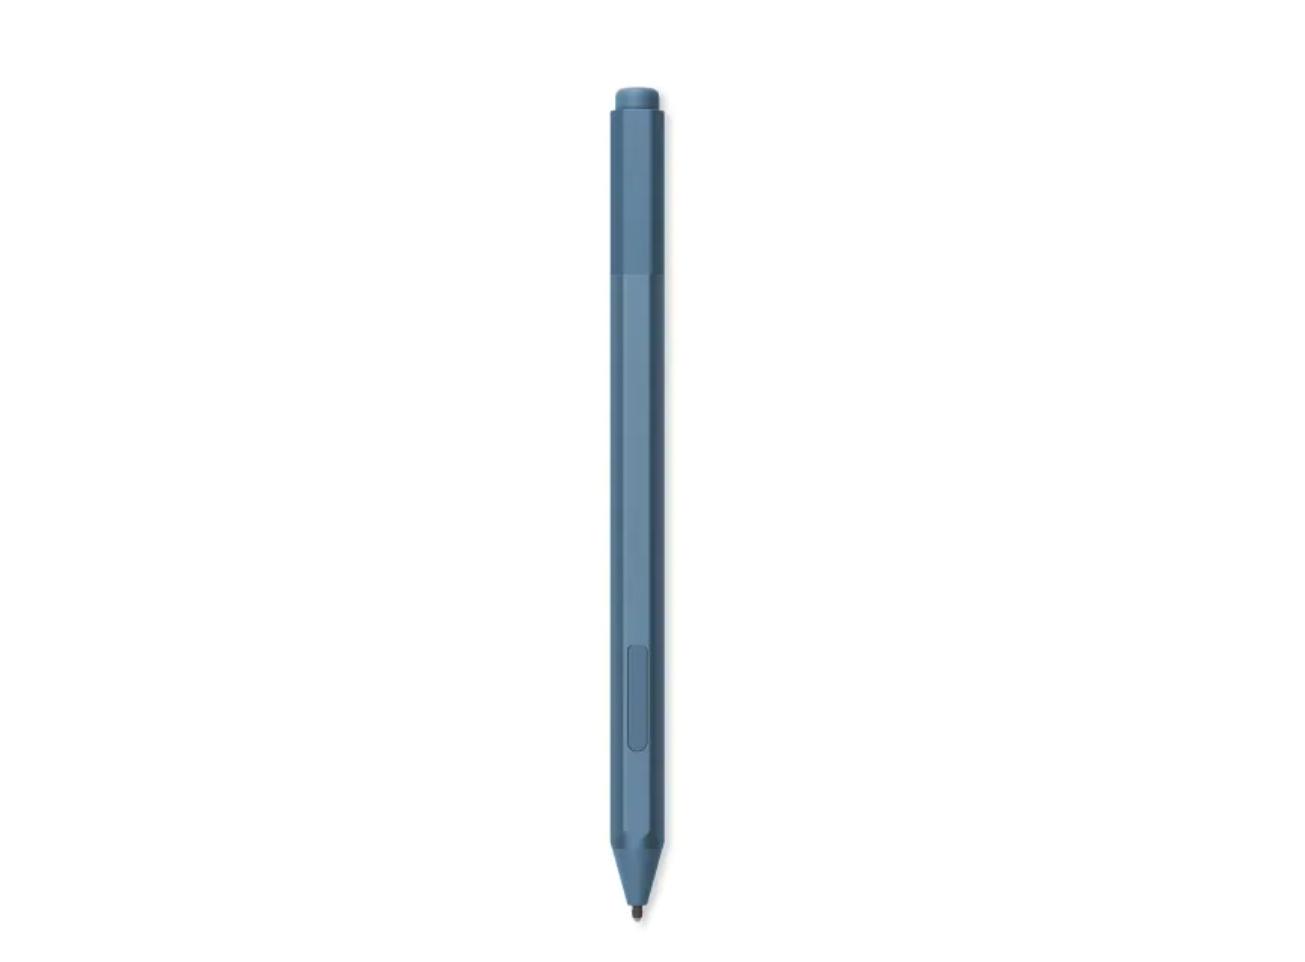 Last surface pen